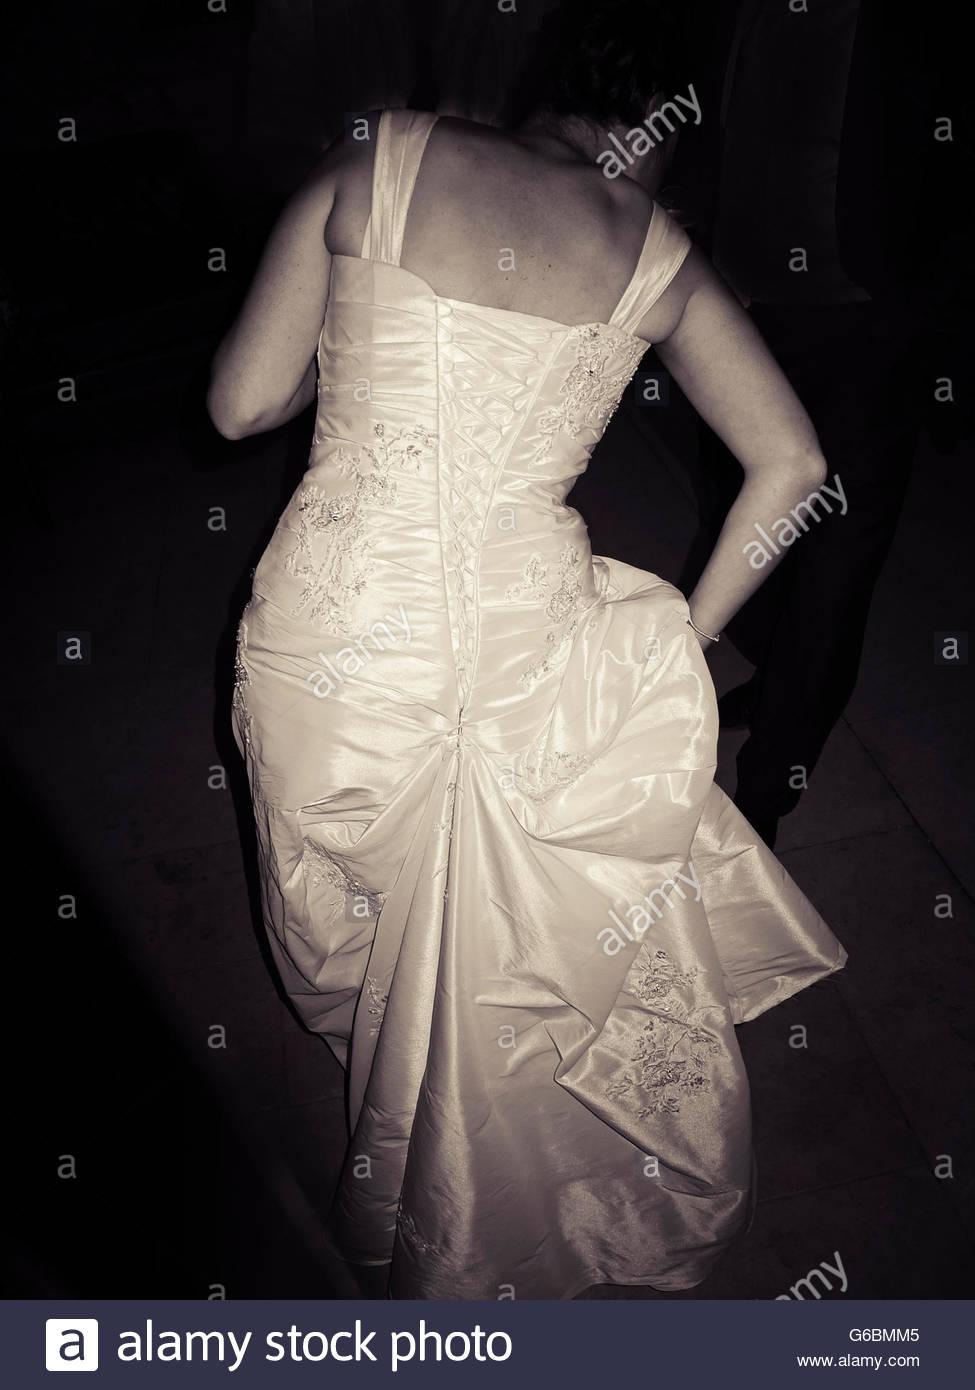 Vista trasera de la novia vestido de novia en la noche Imagen De Stock